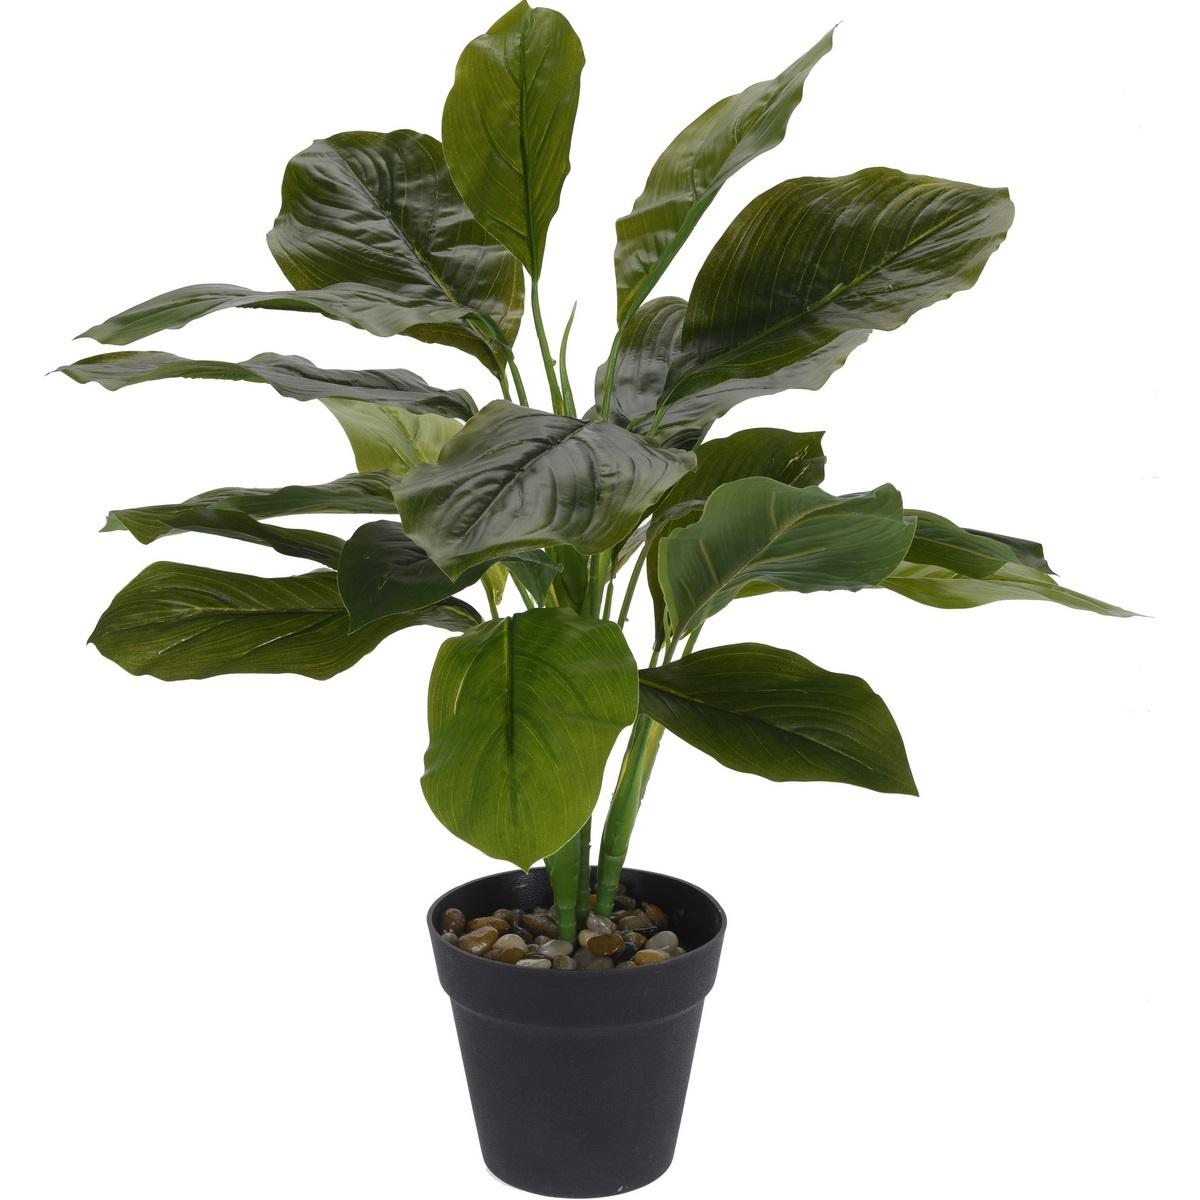 Koopman Umělá rostlina v květináči Rori, 45 cm